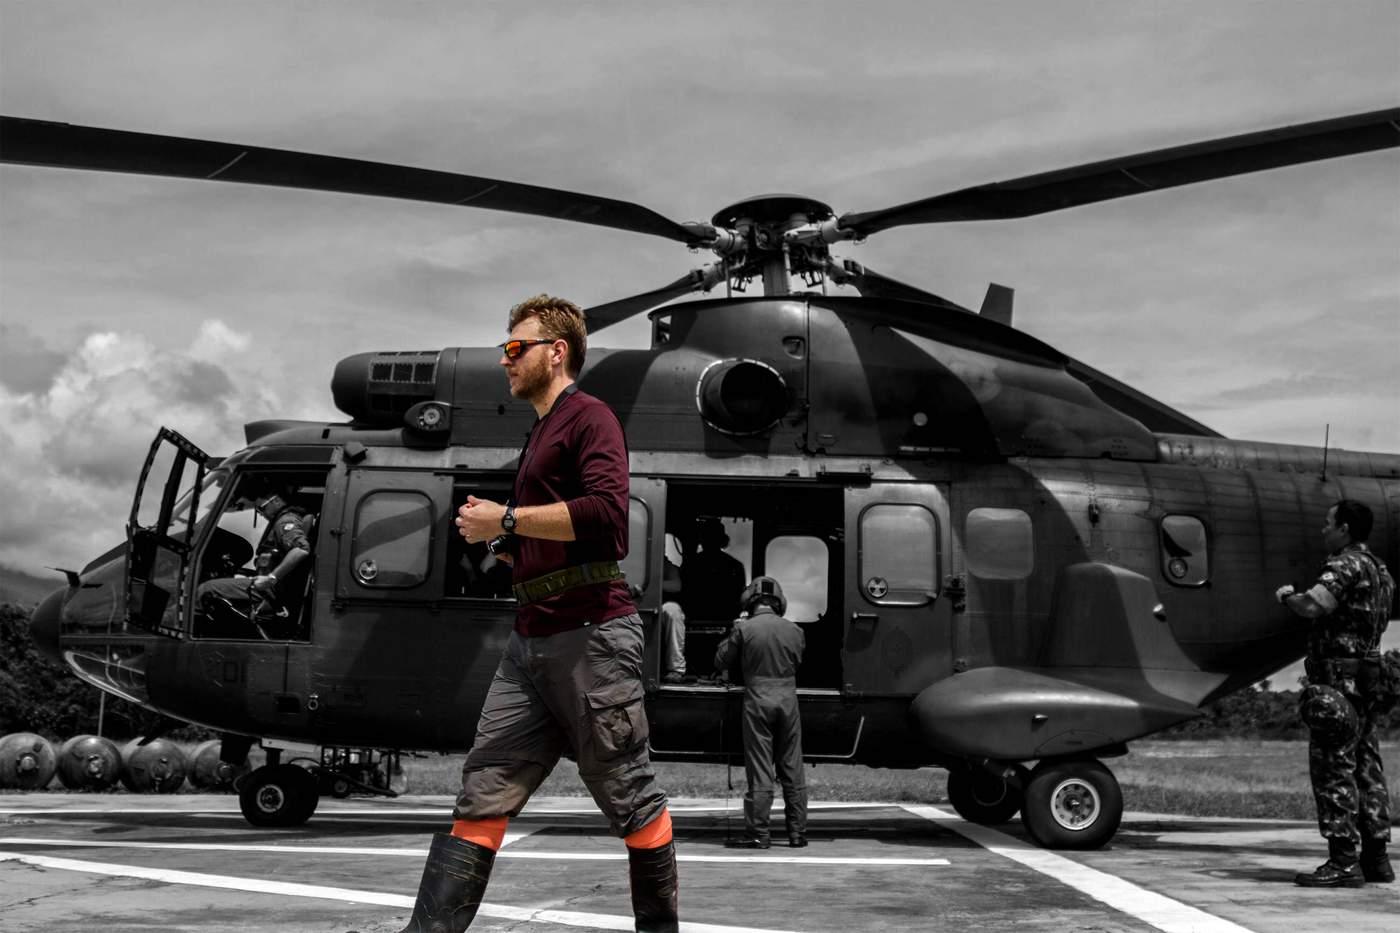 Ekiptekilerden Ivan Prates, askeri helikoptere binmek üzereyken.